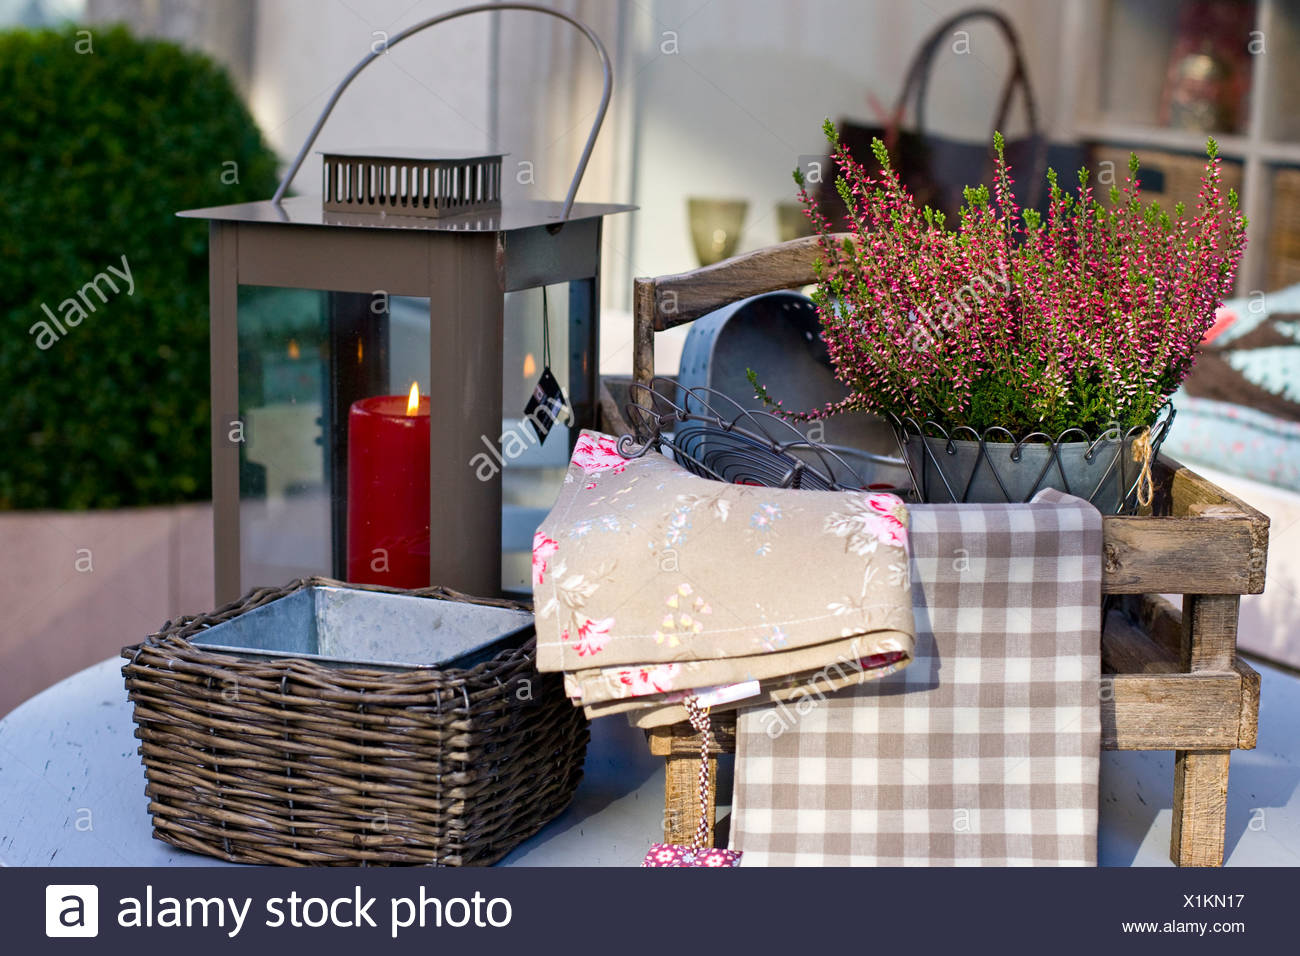 Dekoration Mit Blumentopfen Und Eine Laterne Auf Einem Gartentisch